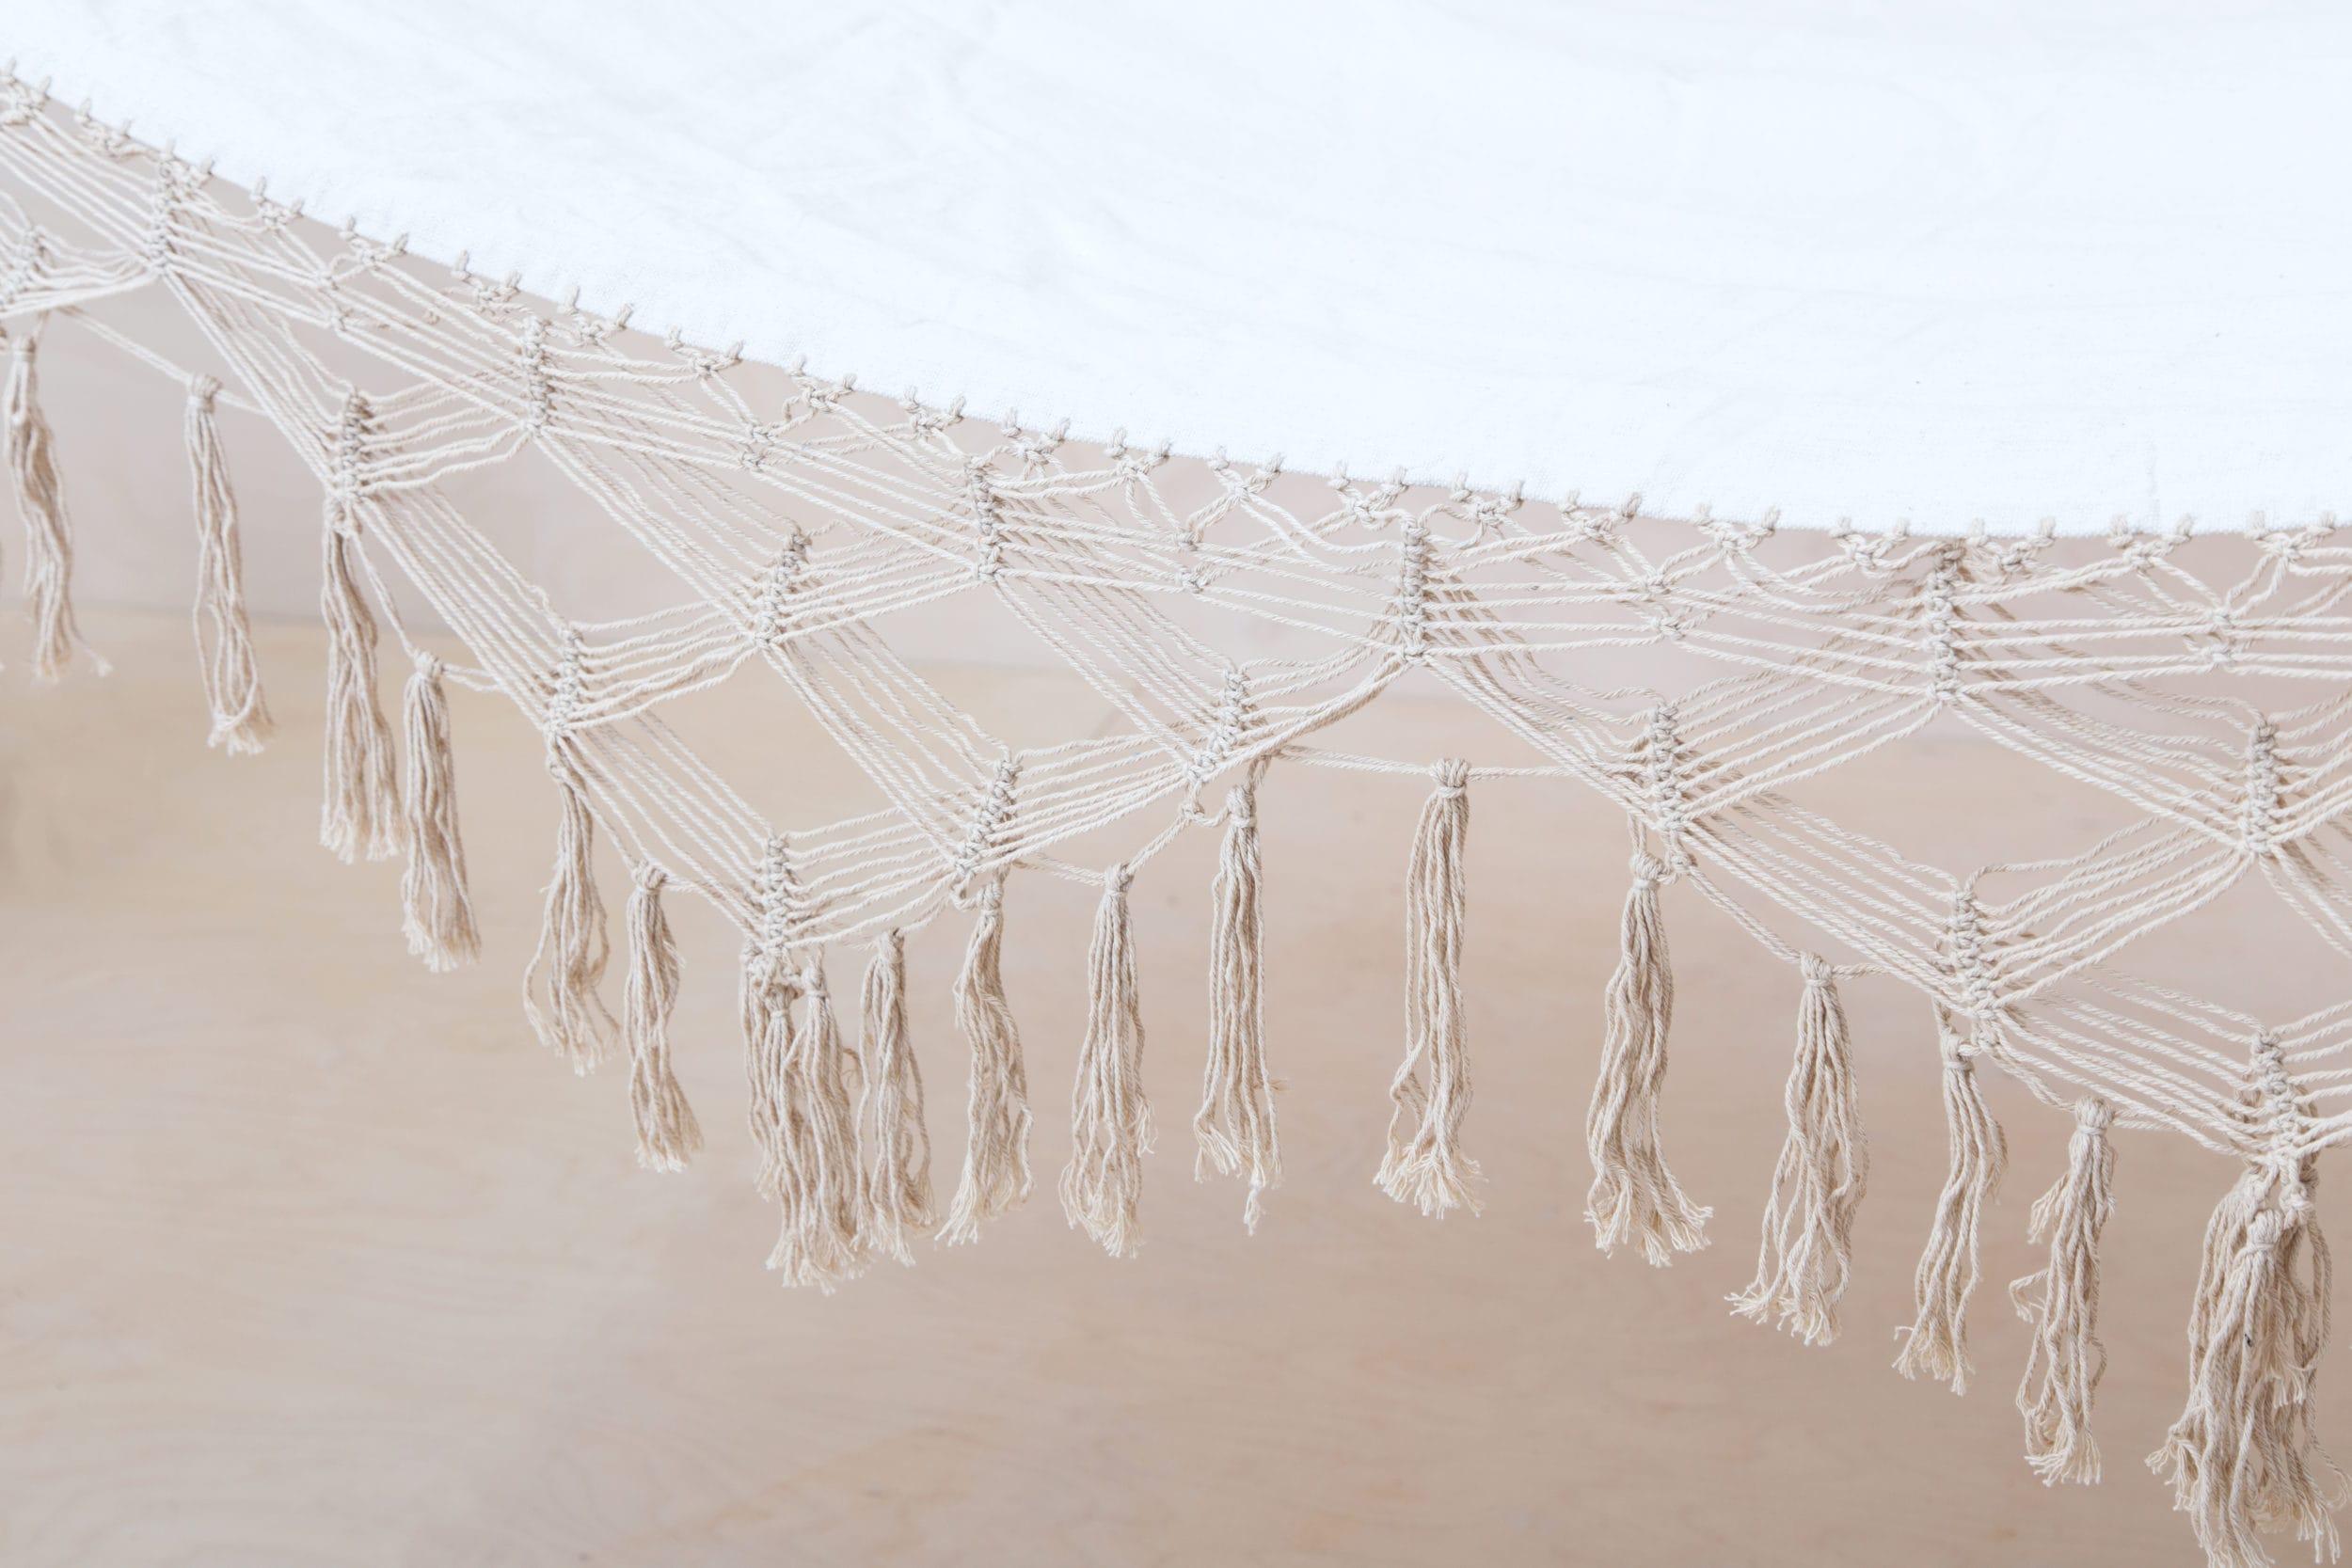 Hängematte Vinal | Was gibt es schöneres als an einem warmen Sommertag sanft in einer Hängematte zwischen zwei Bäumen zu schaukeln? Vielleicht noch, sie im Winter drinnen aufzuspannen. Egal ob drinnen oder draußen, sie verbreiten überall eine wundervolle, gechillte Atmosphäre und die Fransen geben dieser Hängematte einen besonderen Boho Look. Mit unseren wunderschönen Patchwork-Decken und farbenfrohen Kissen wird die Relaxzone perfekt. Übrigens: Eine Hängematte sieht auch auf fröhlichen Gruppenfotos toll aus. Chillen mit vielen Gästen? Passend bieten wir auch weitere Hängematten im gleichen Stil an. | gotvintage Rental & Event Design